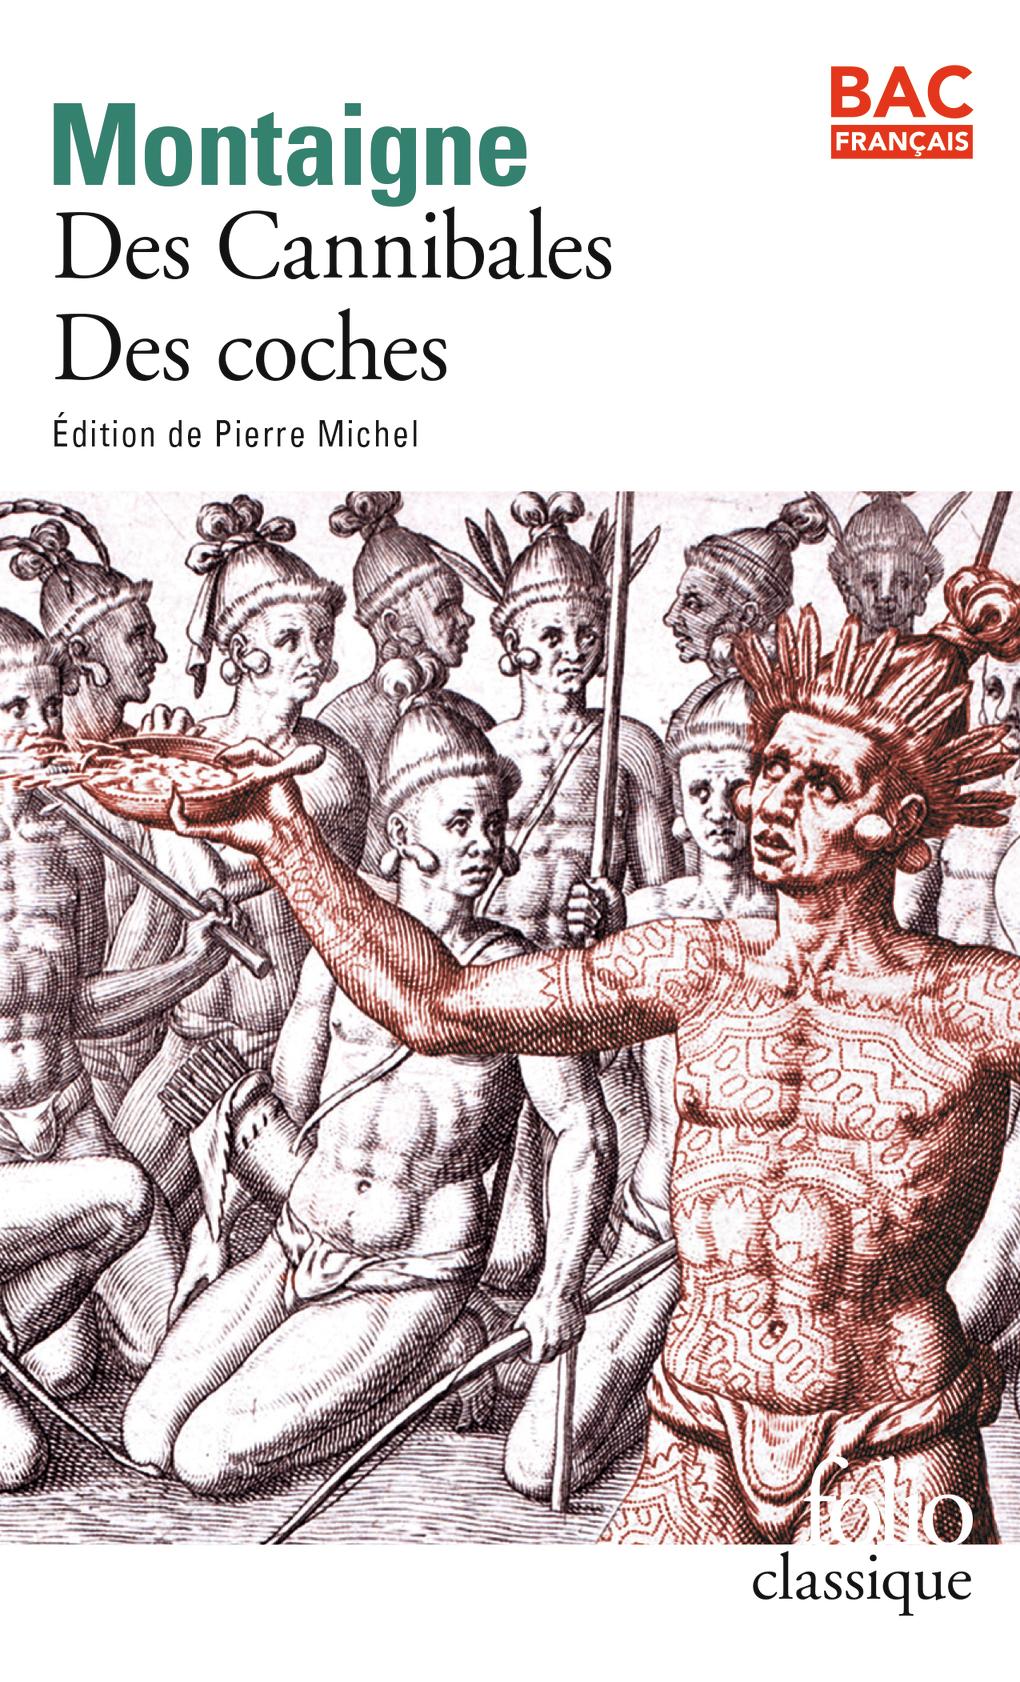 DES CANNIBALES/DES COCHES